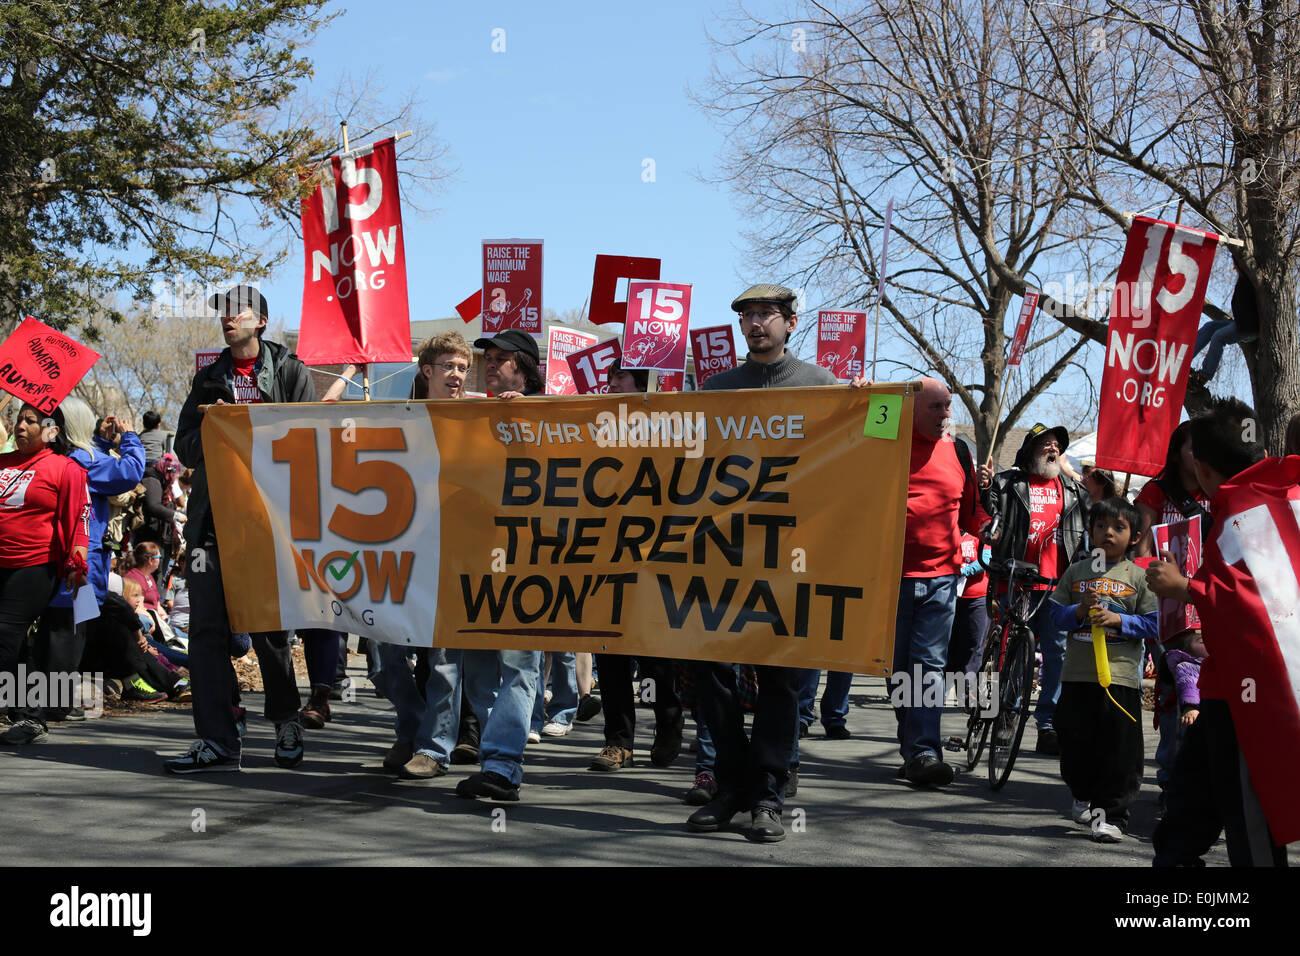 Manifestanti marzo per un aumento di salario minimo. Immagini Stock